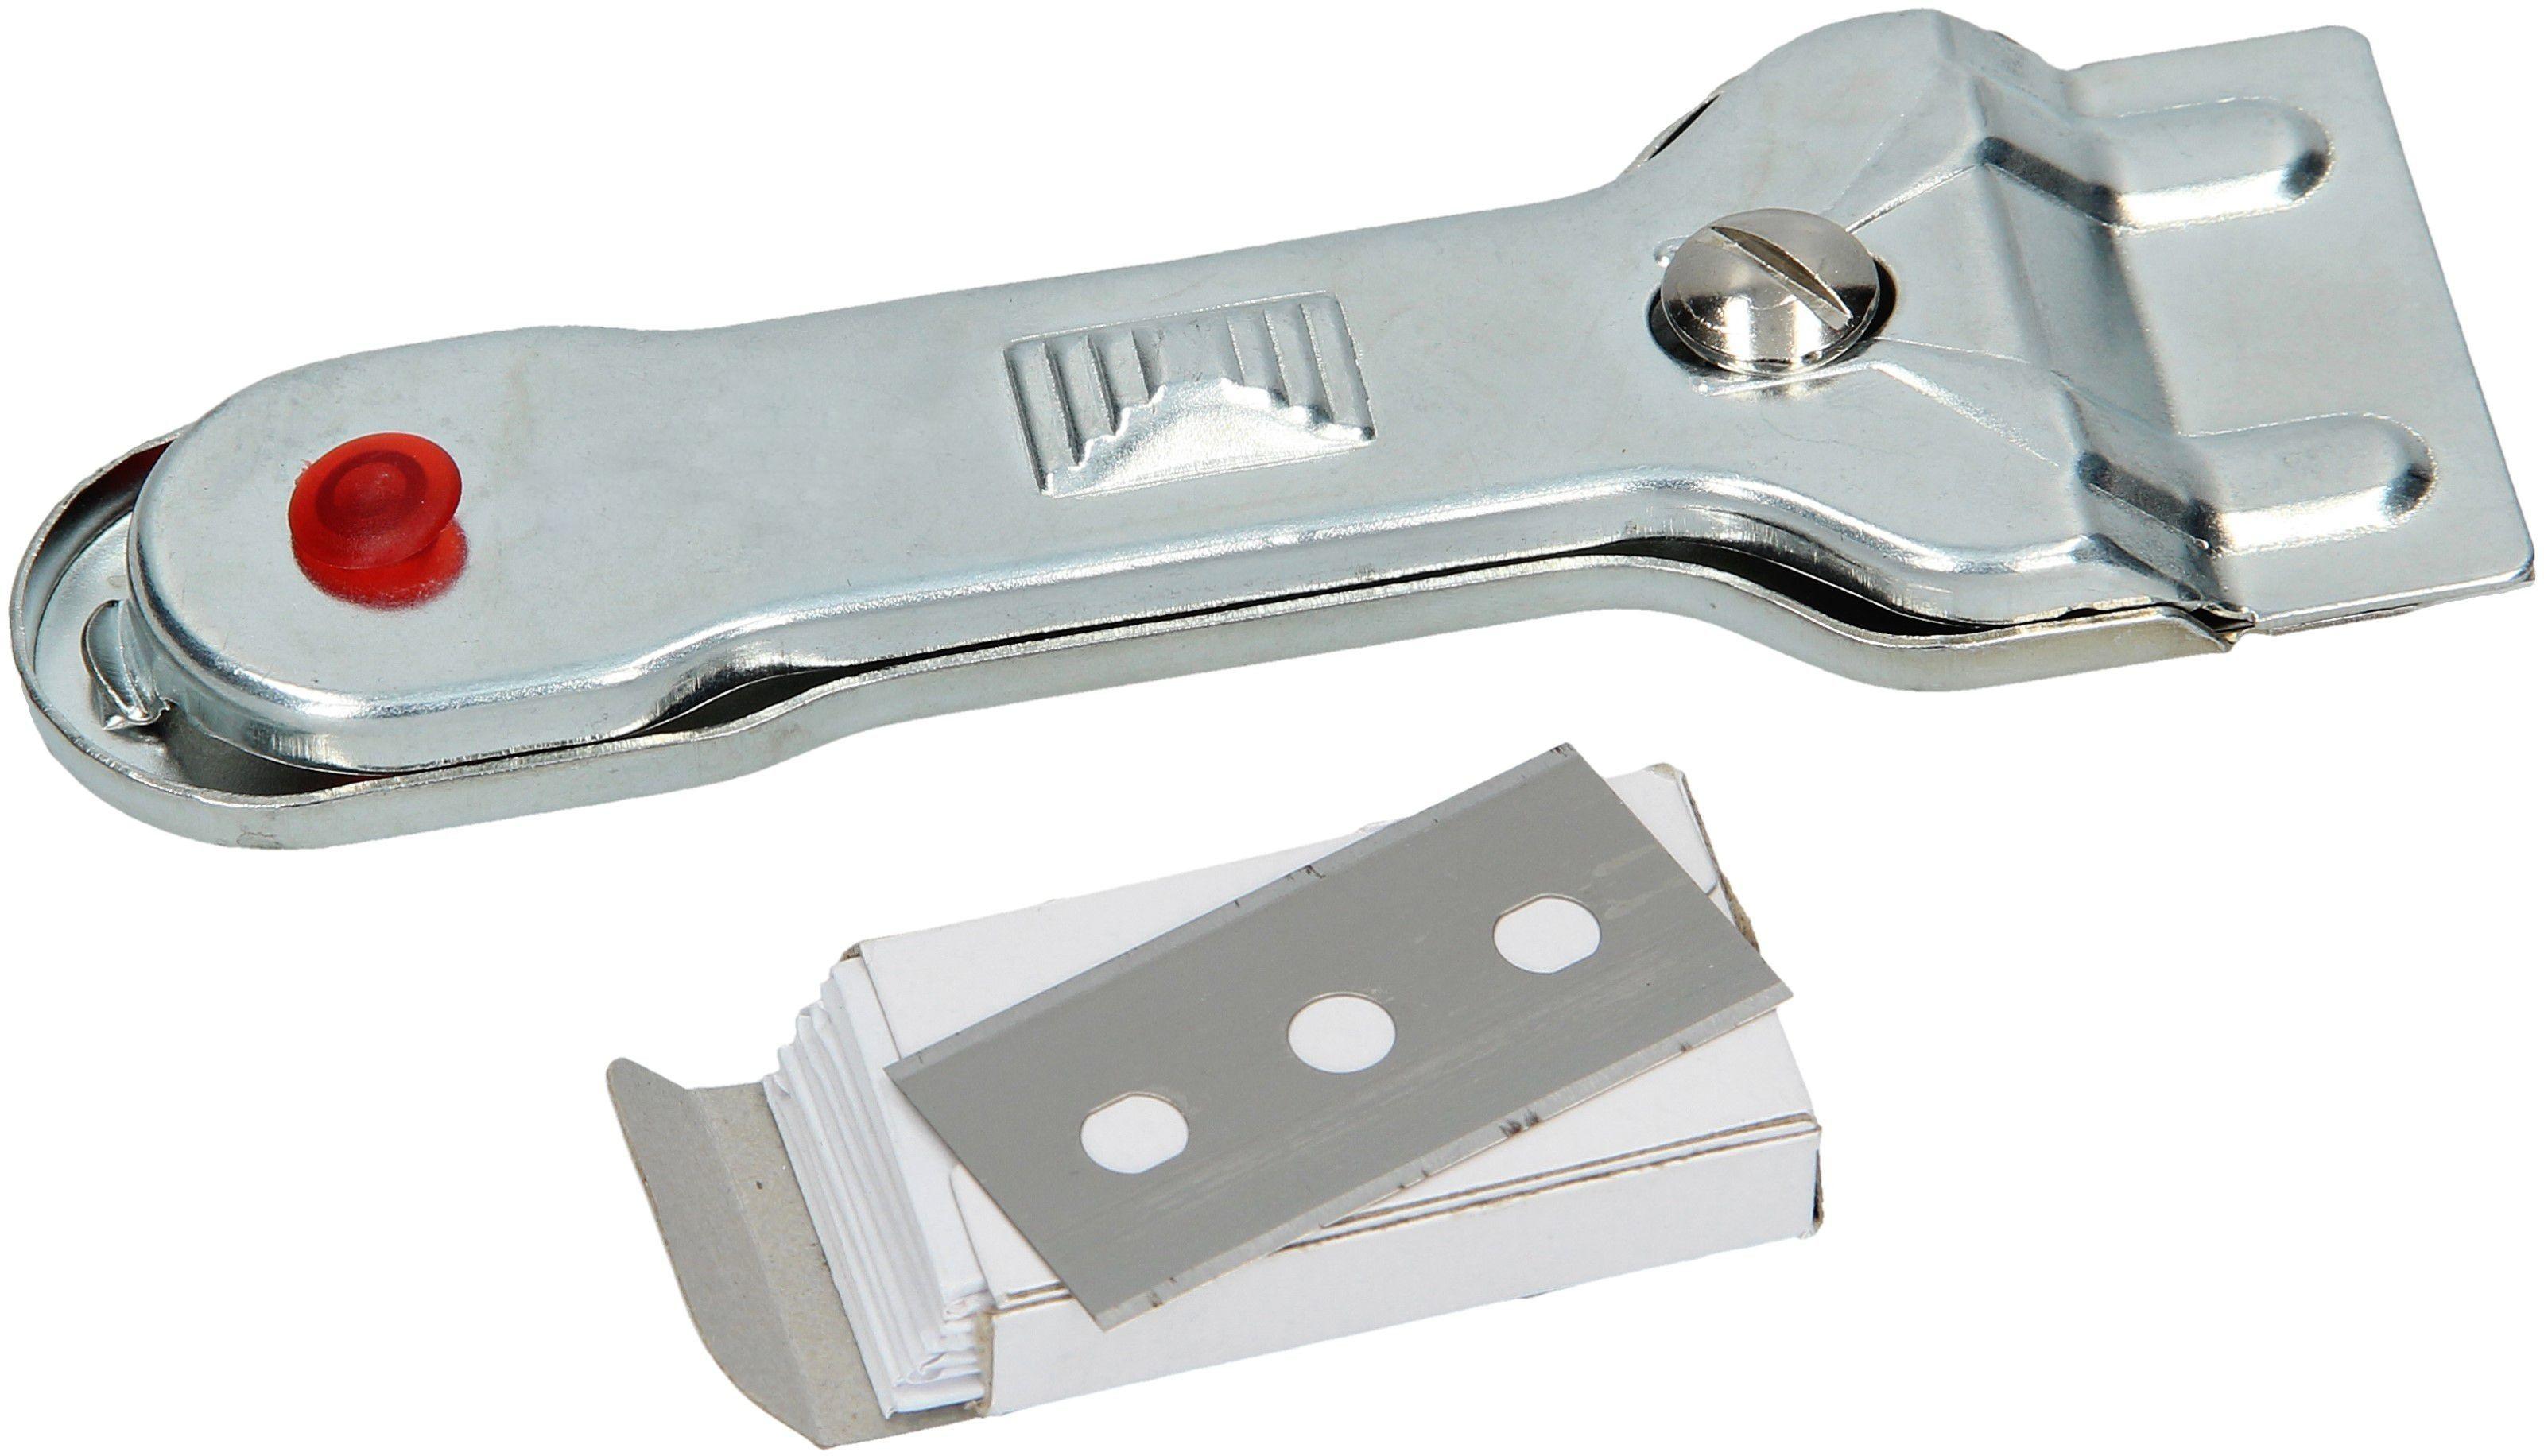 Skrobak noże, skrobak do płyty ceramicznej